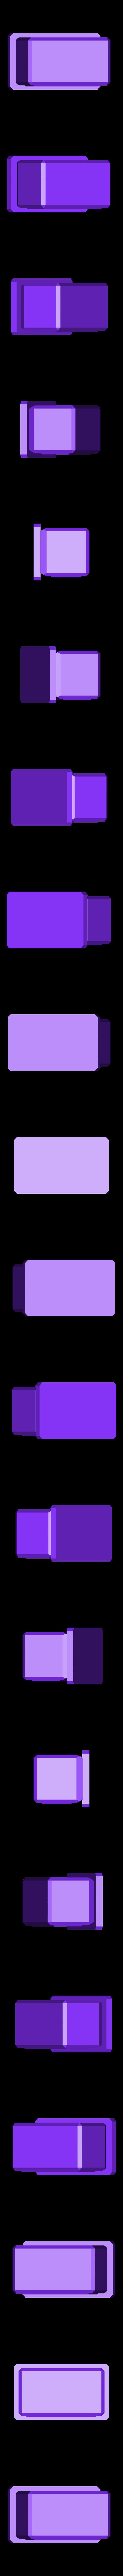 Trophy Base 1.stl Télécharger fichier STL gratuit Trophée Base 1 • Plan imprimable en 3D, 3DBuilder